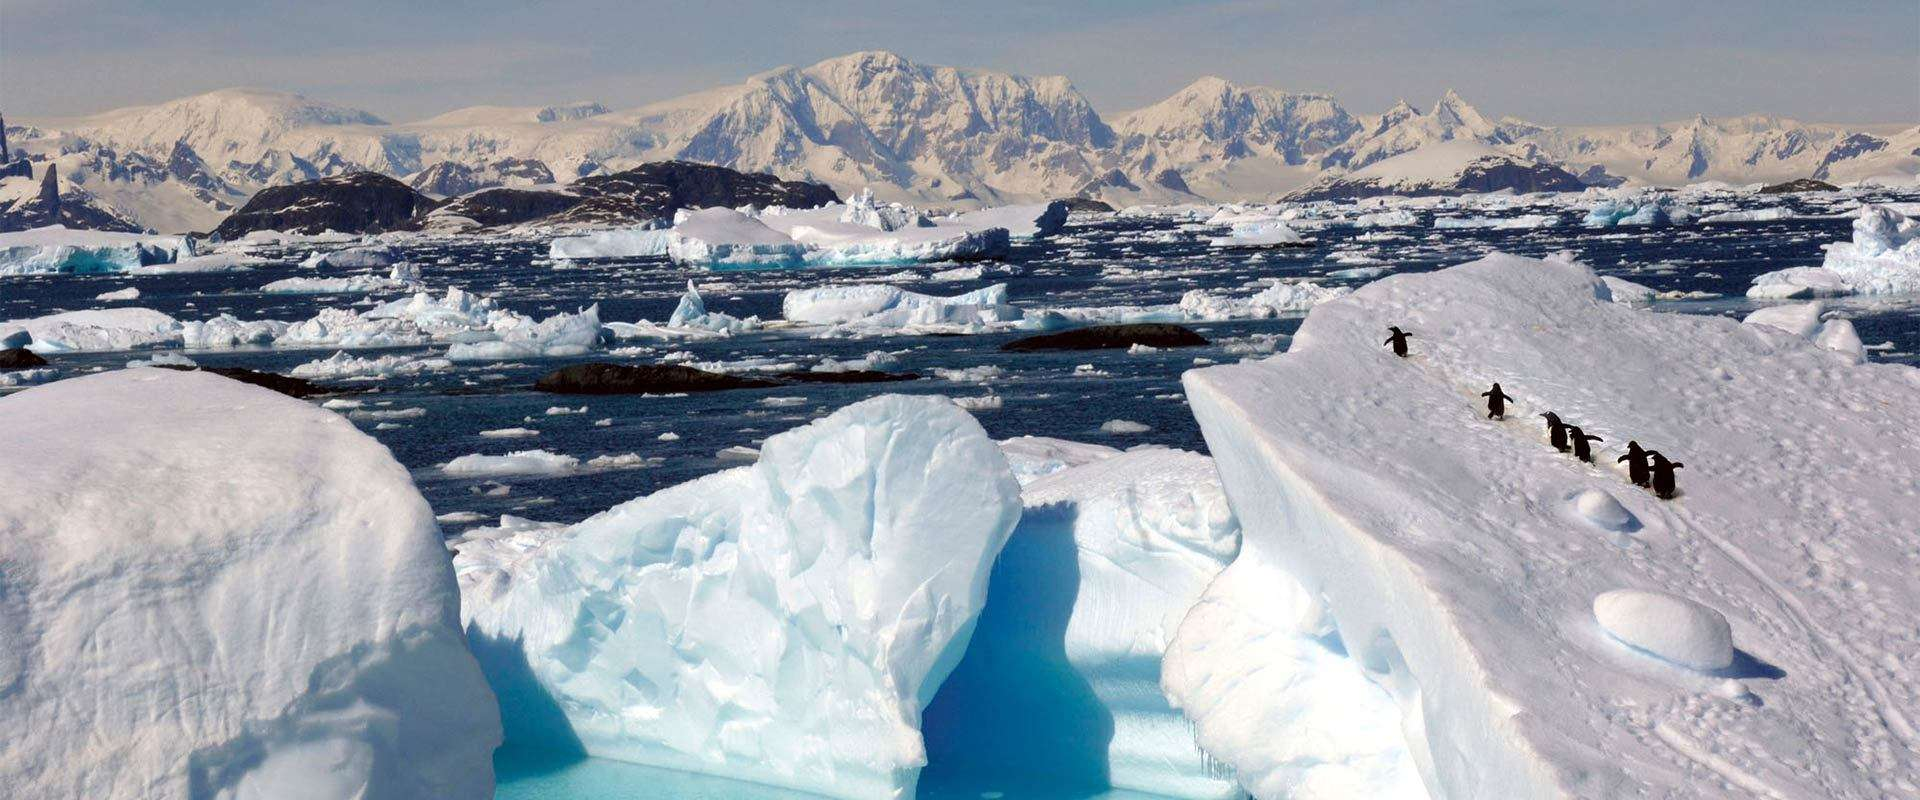 Antarctica South Georgia Amp Falkland Islands